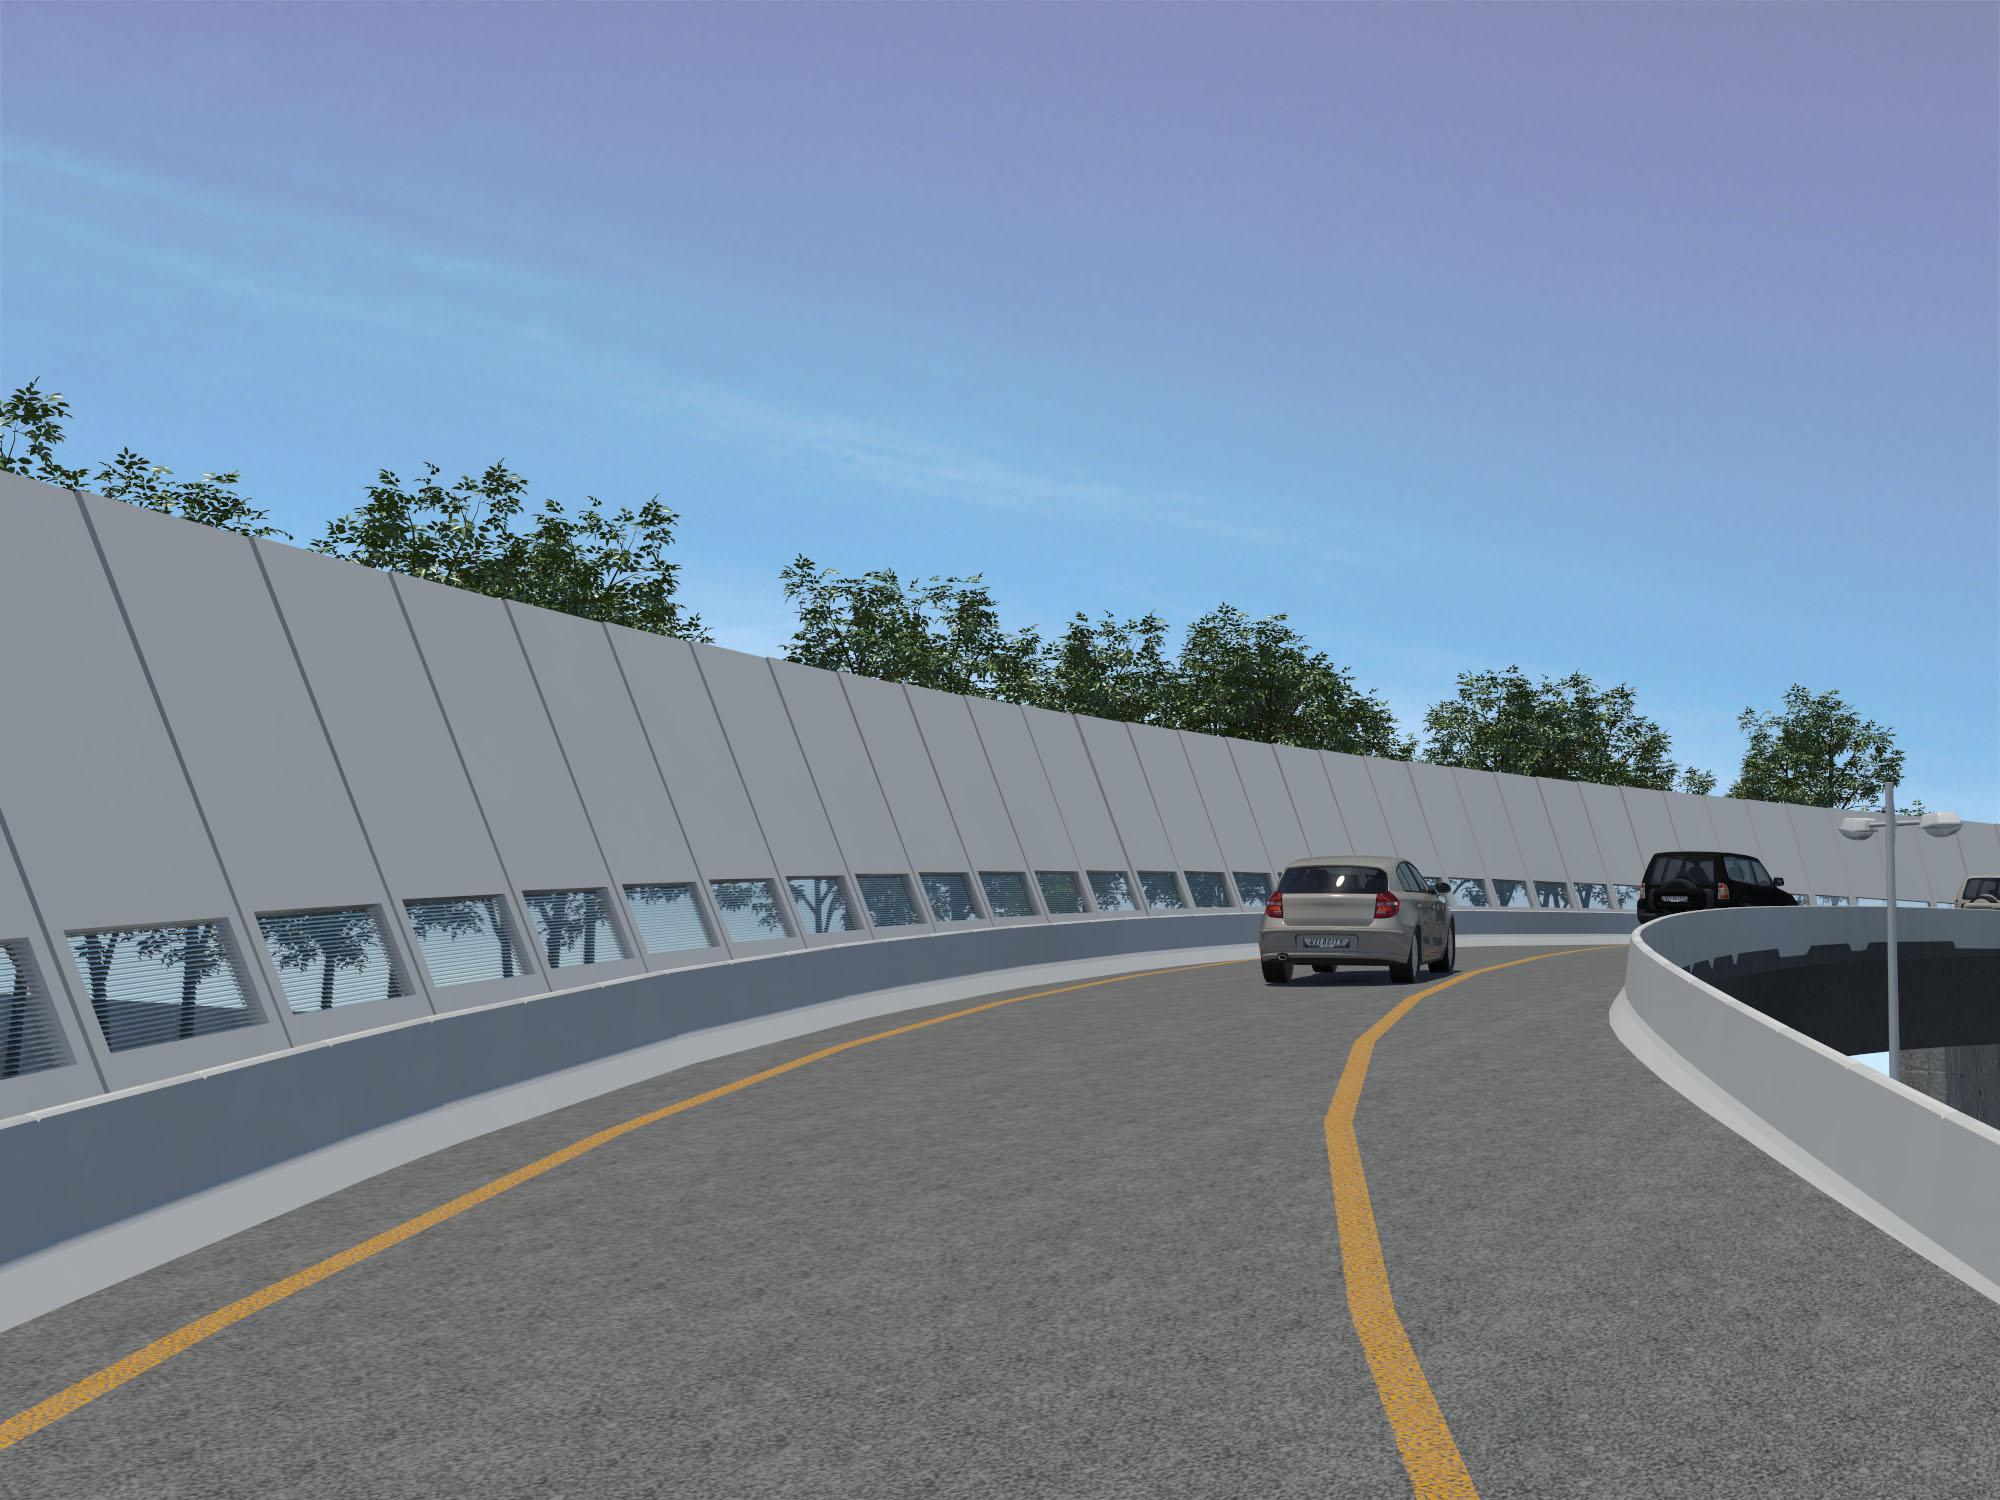 Noisewalls on viaduct.jpg